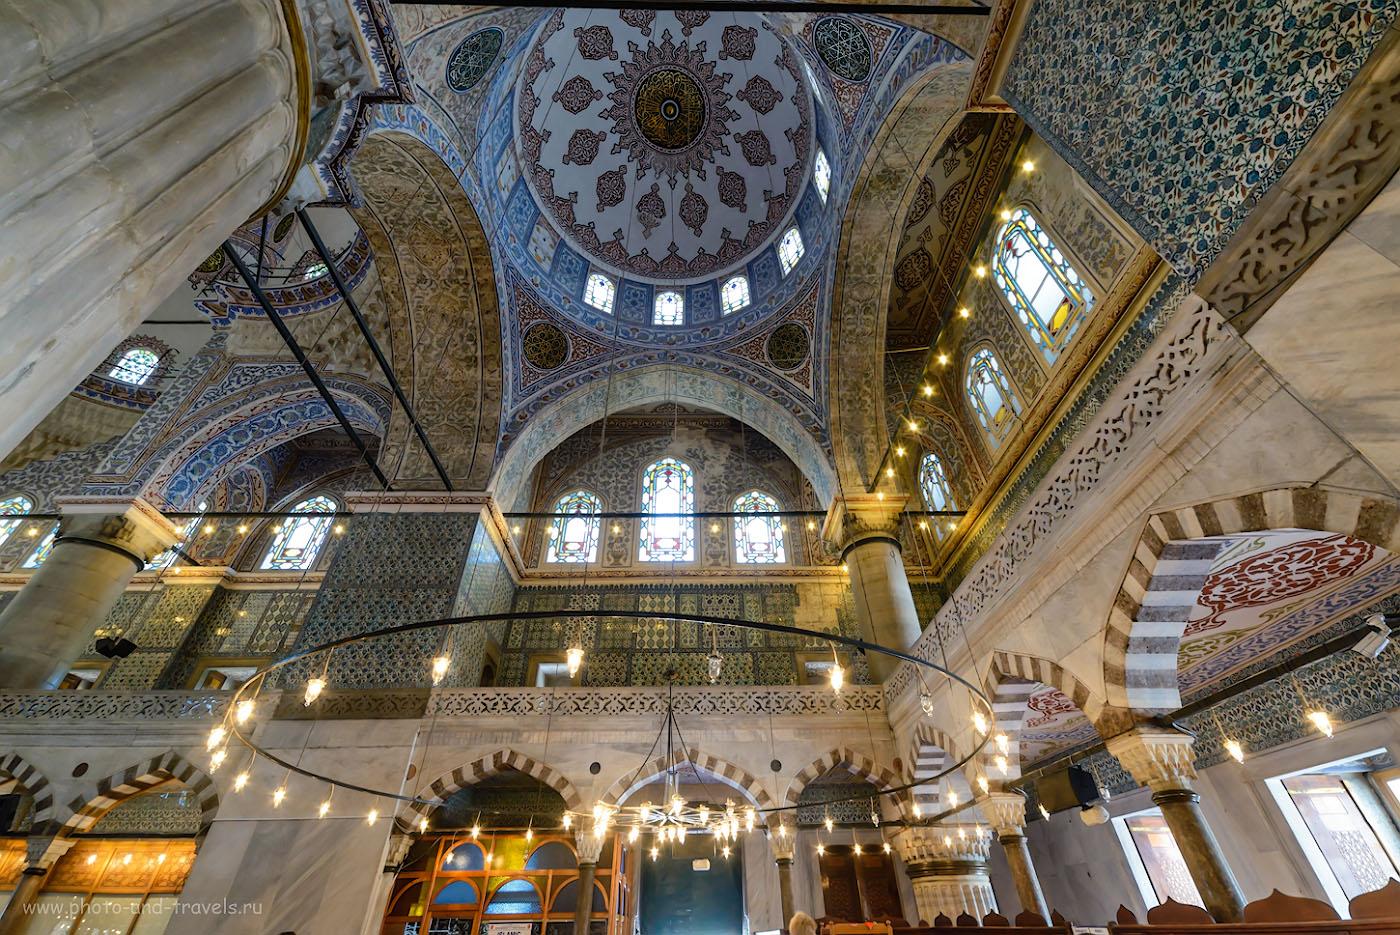 Фотография 8. Красота Голубой мечети. Экскурсия по Стамбулу. 1/30, +0.67, 5.6, 1250, 14.